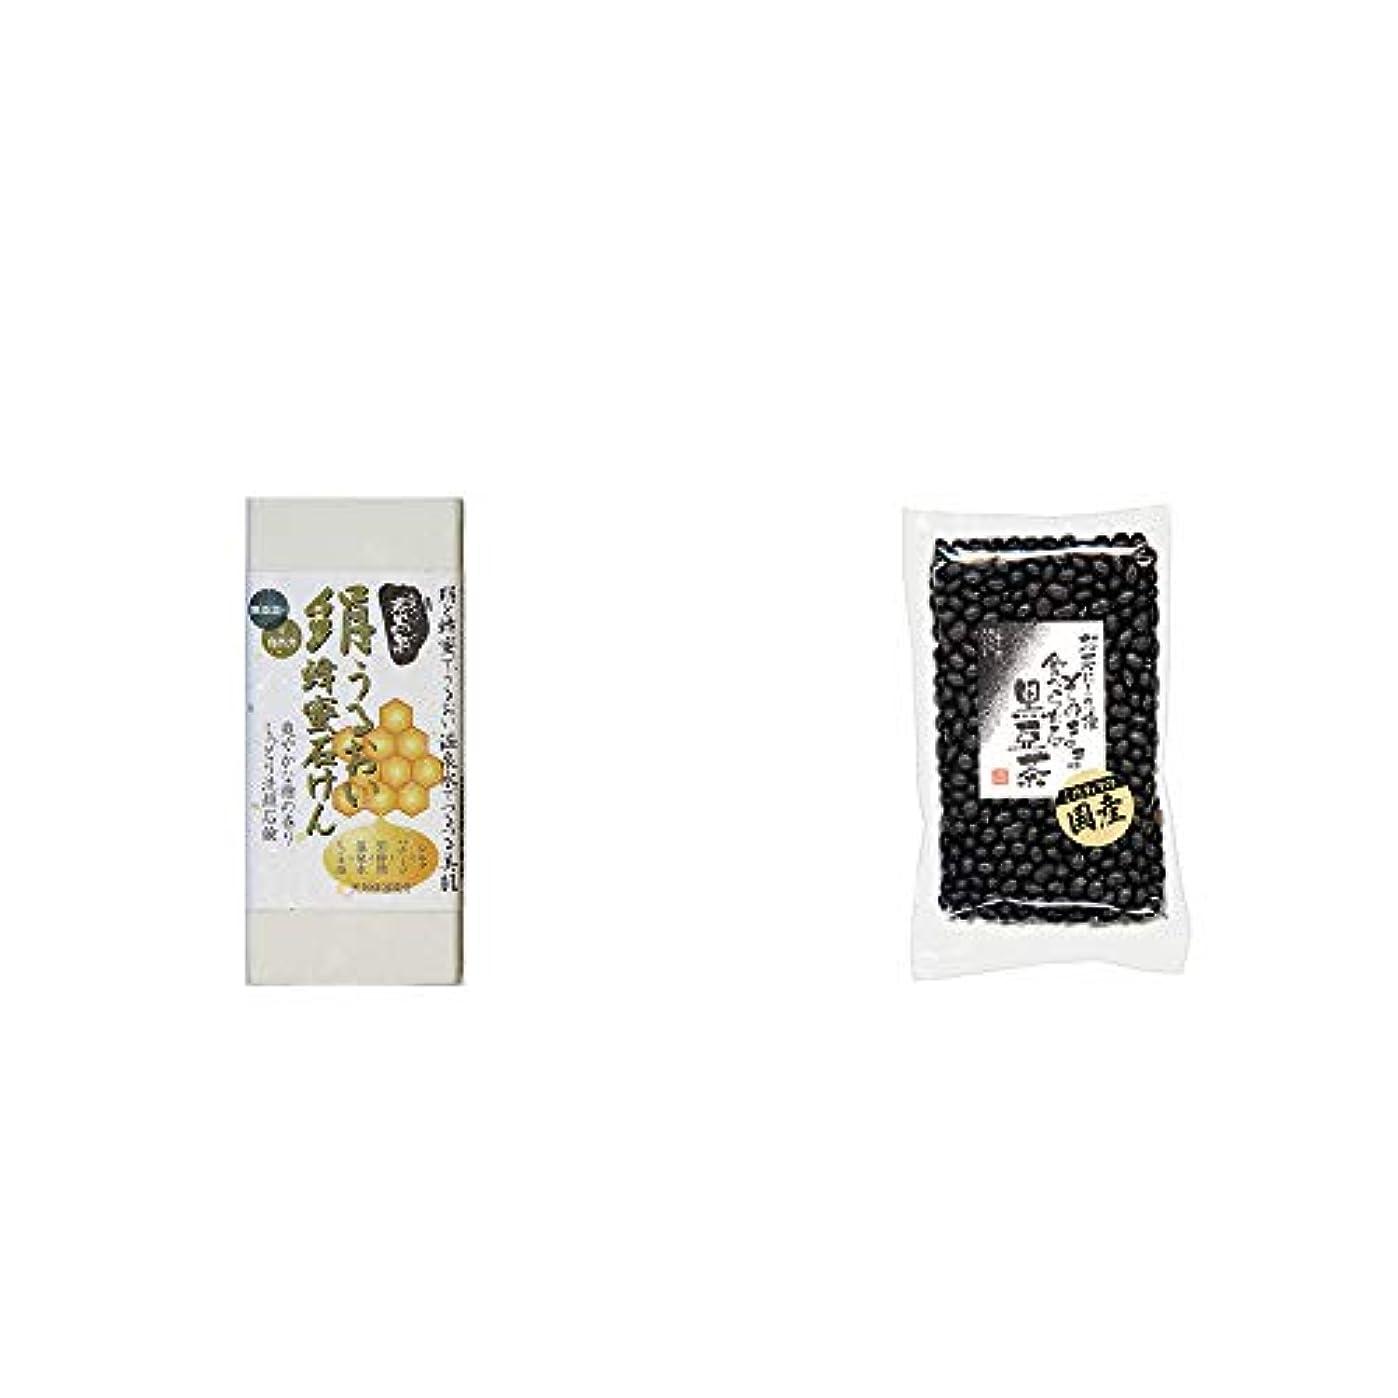 のぞき見愛撫欠陥[2点セット] ひのき炭黒泉 絹うるおい蜂蜜石けん(75g×2)?国産 黒豆茶(200g)